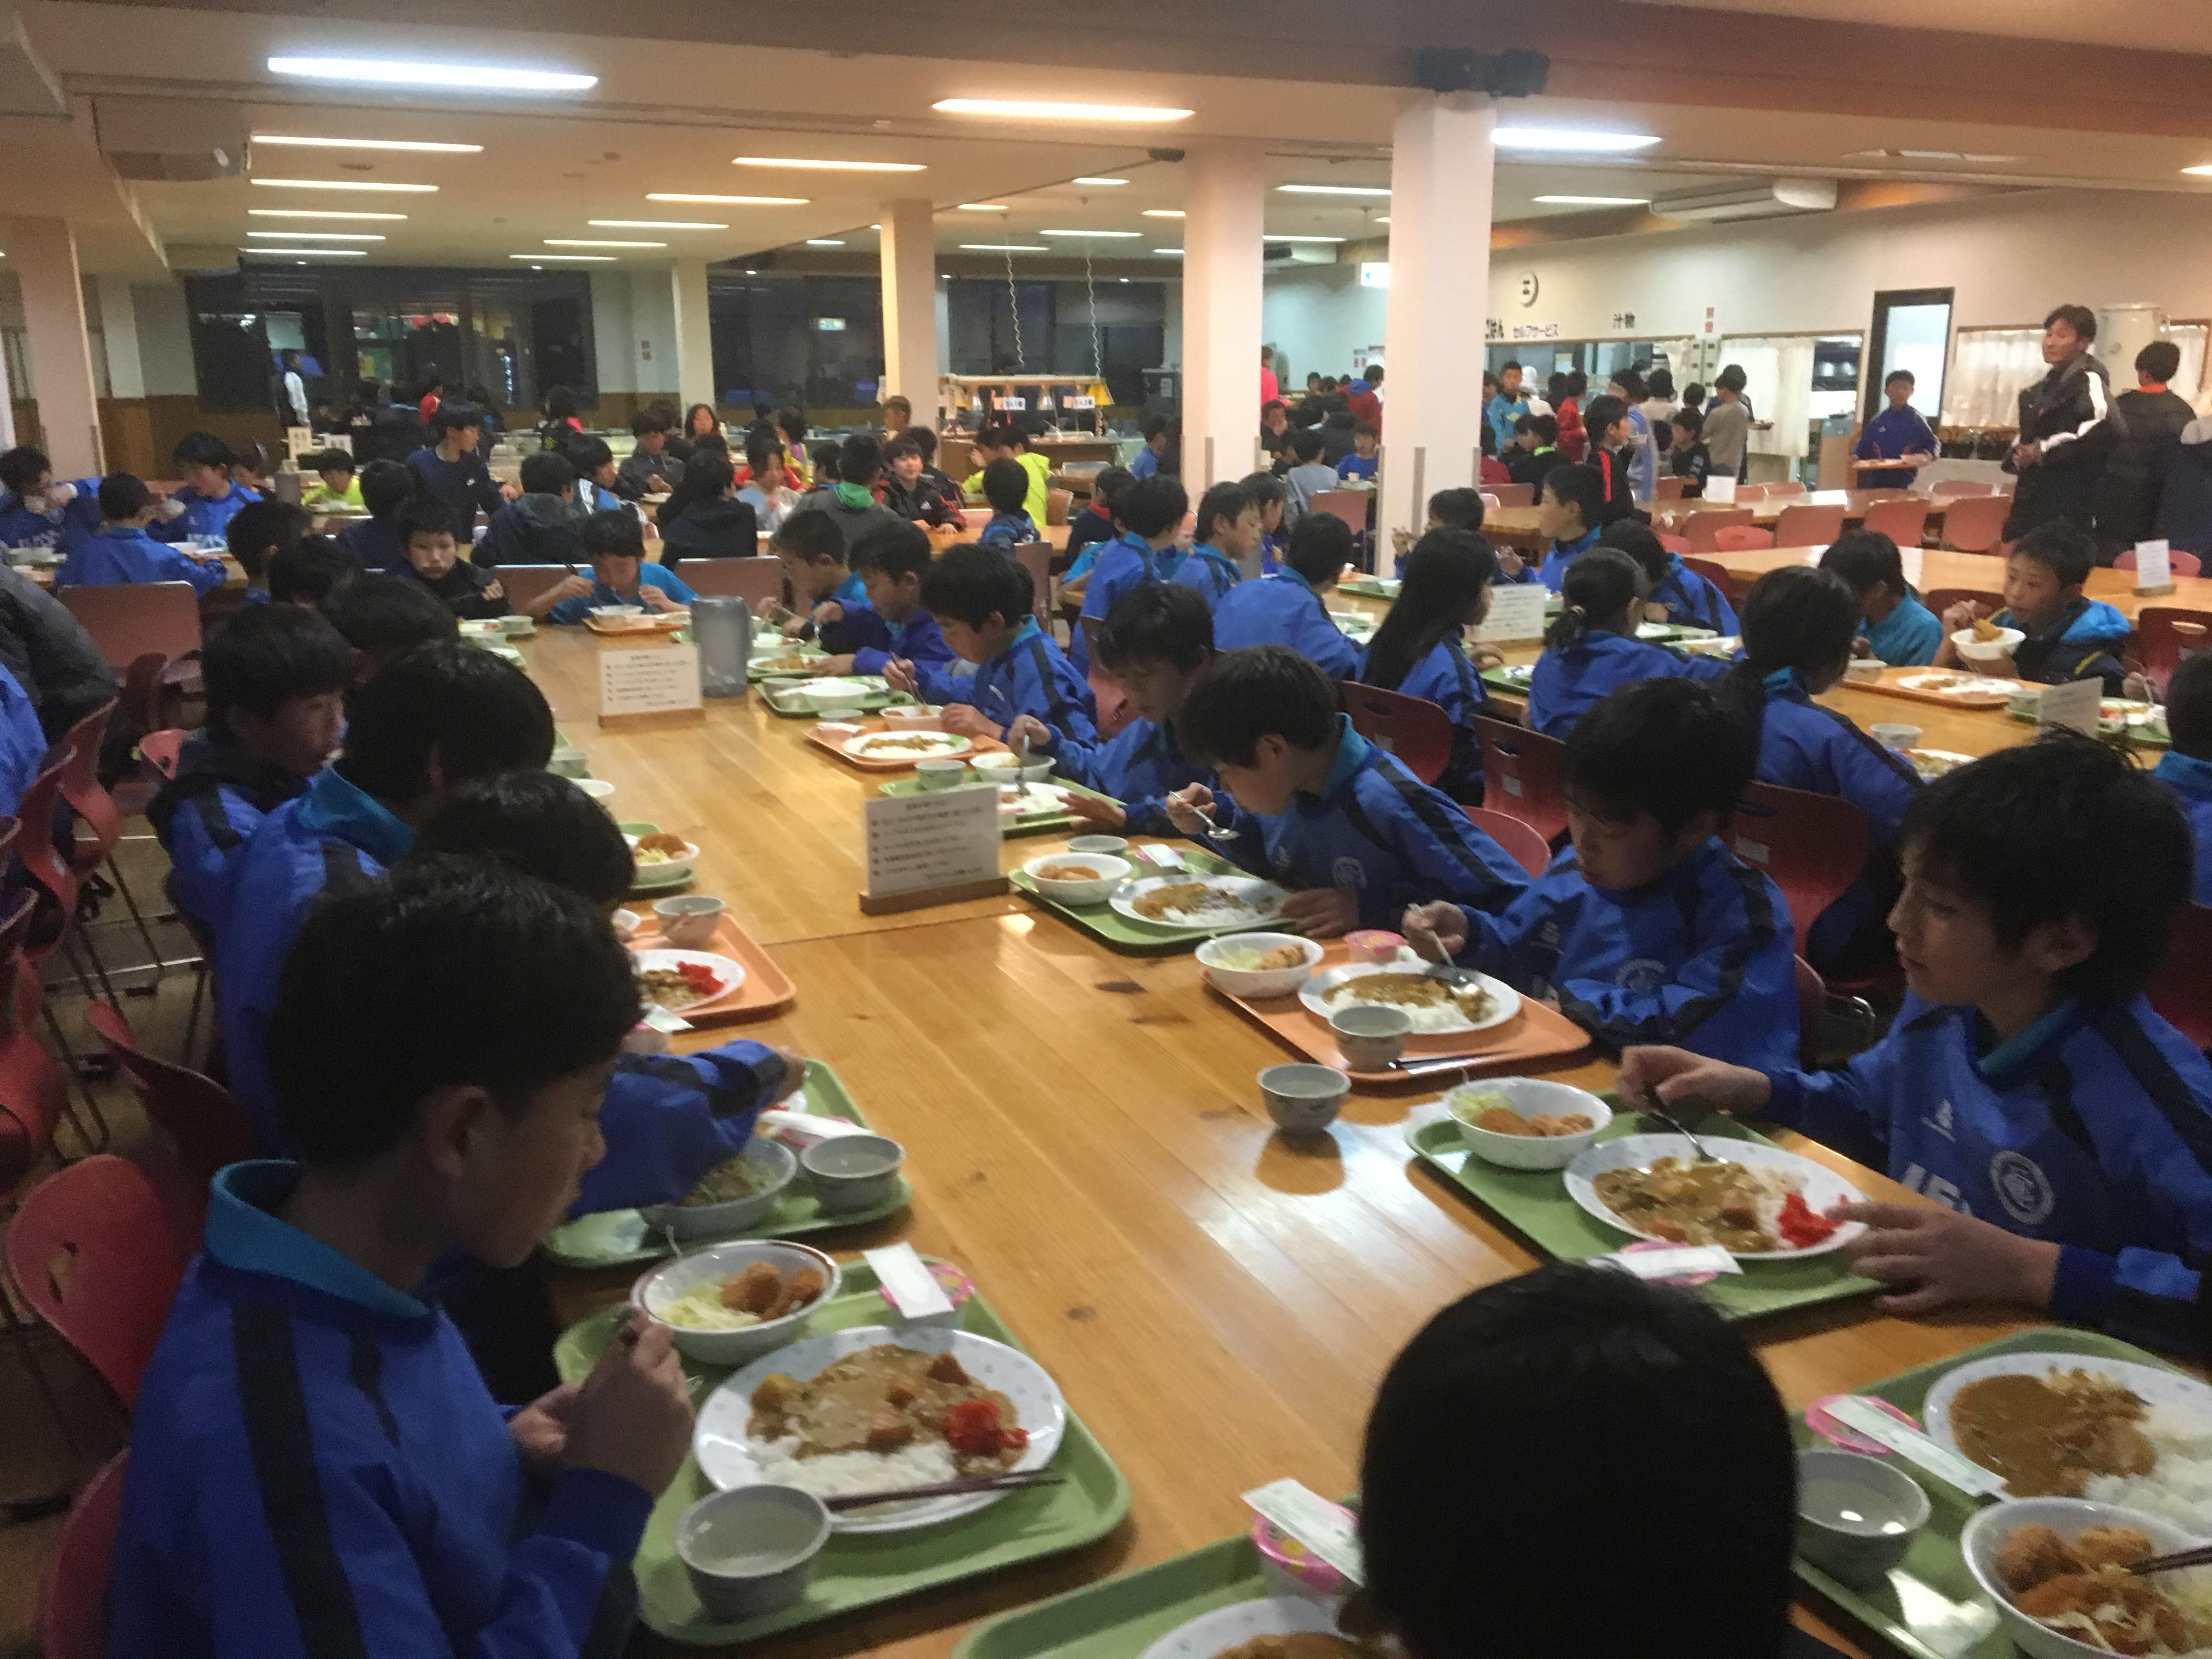 ブレイズ熊本主催・フェスティバル U-9 1st/2nd-何を得られた2日間だったのかー